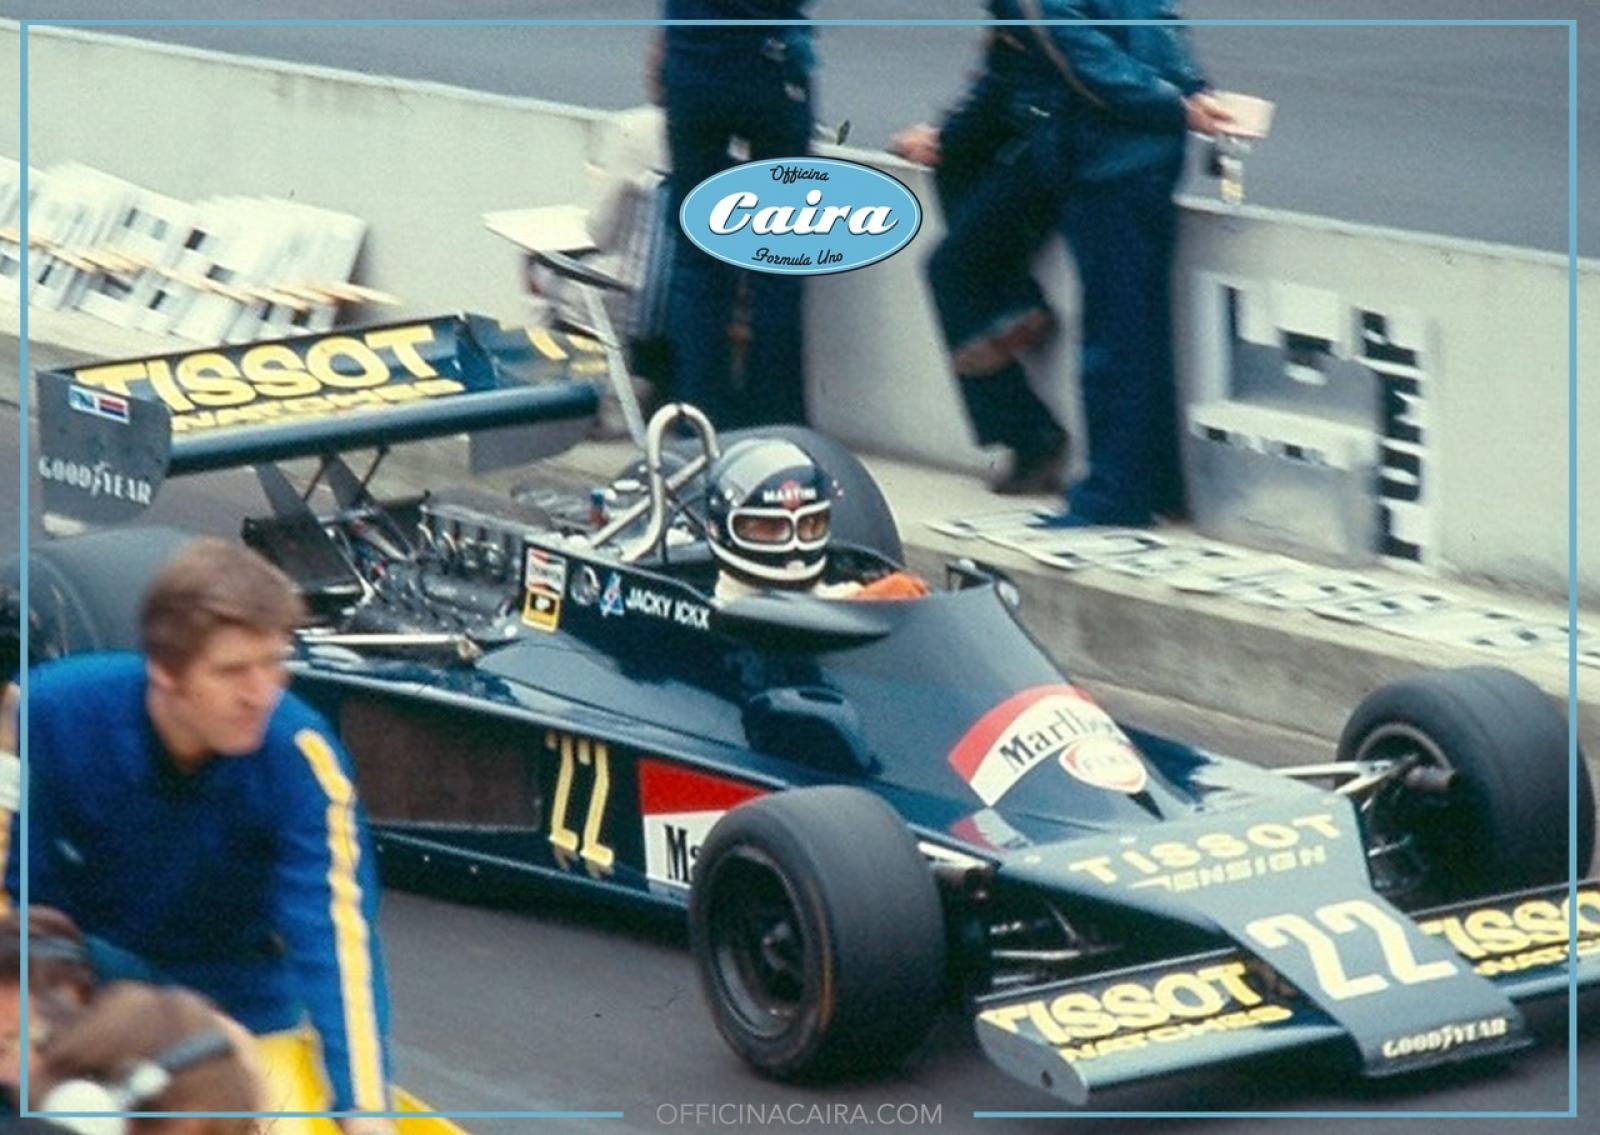 F1 Ensign N177 - 4